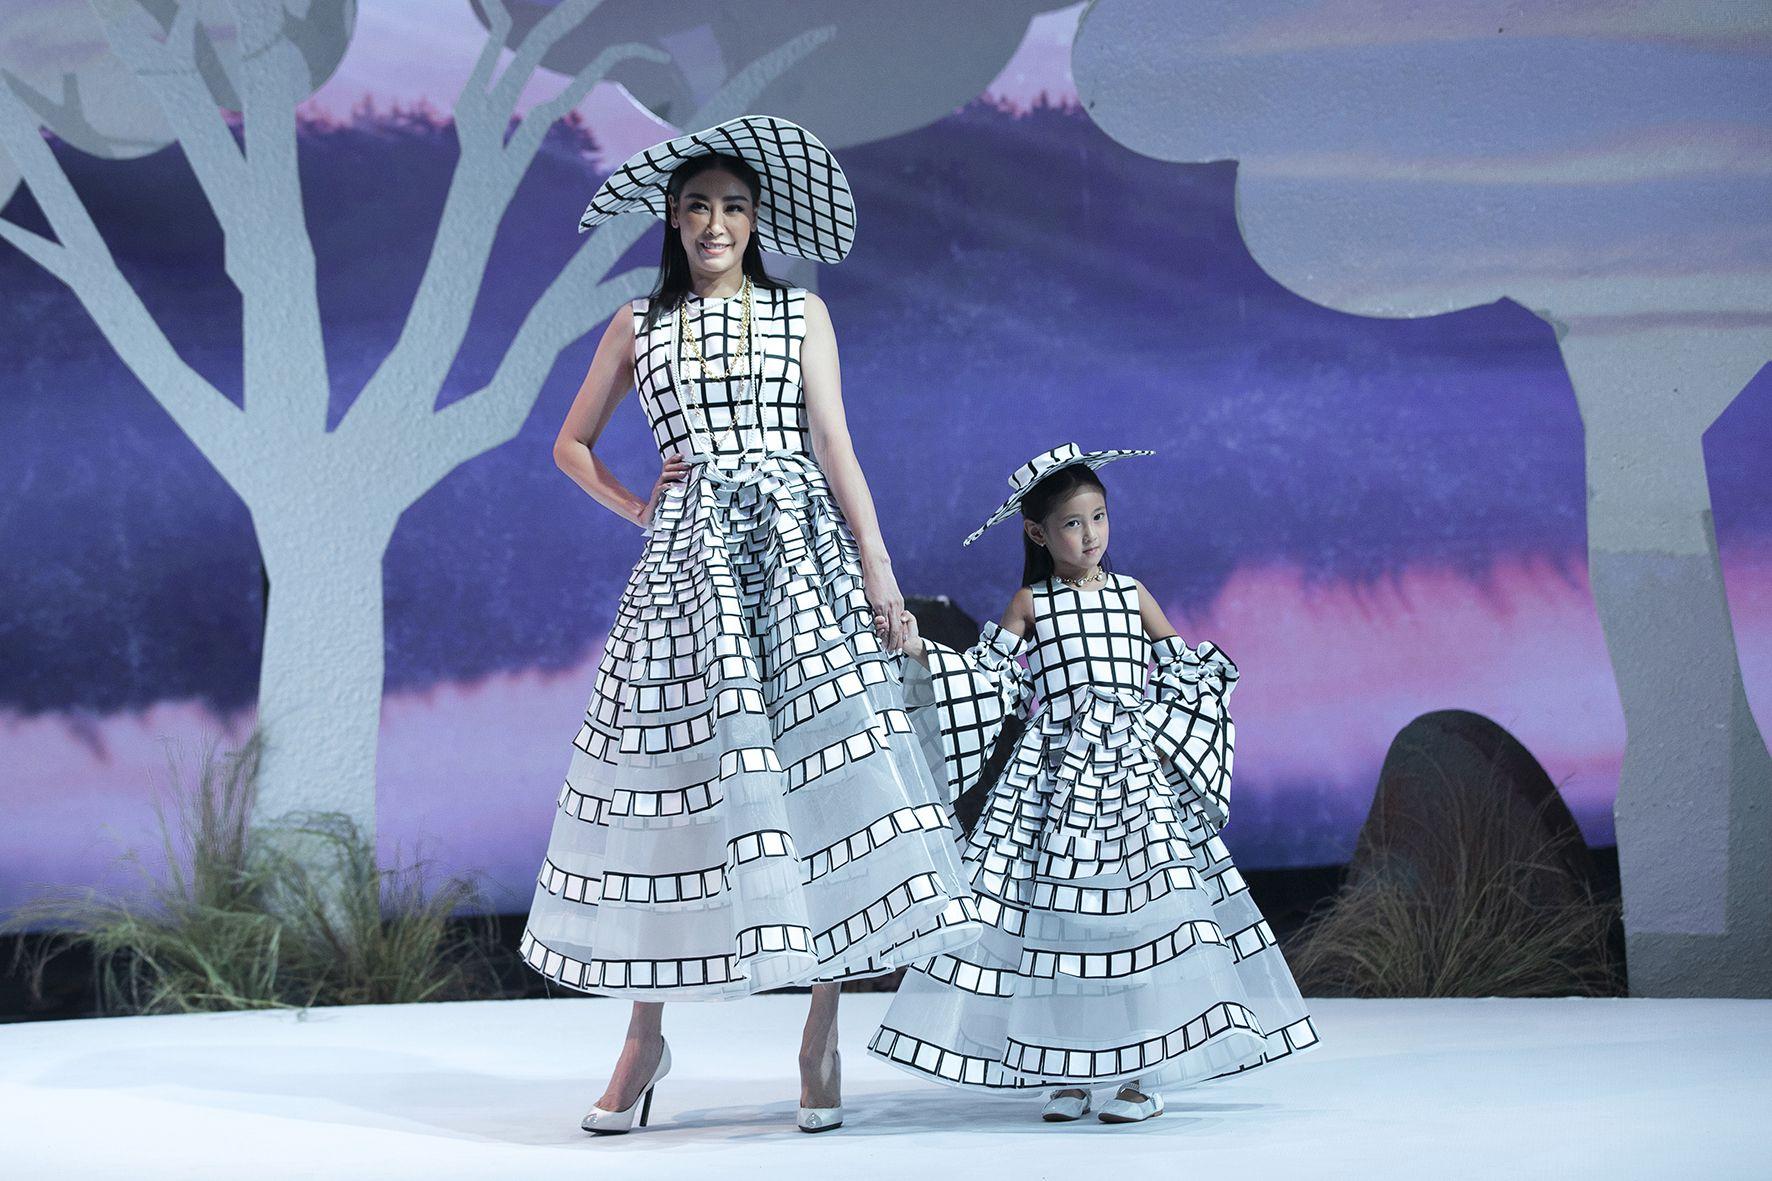 """Lần đầu tiên đưa """"quý tử"""" lên sàn catwalk, vợ chồng Lương Thế Thành - Trúc Diễm khép lại Tuần lễ thời trang trẻ em 2020 - Ảnh 13."""